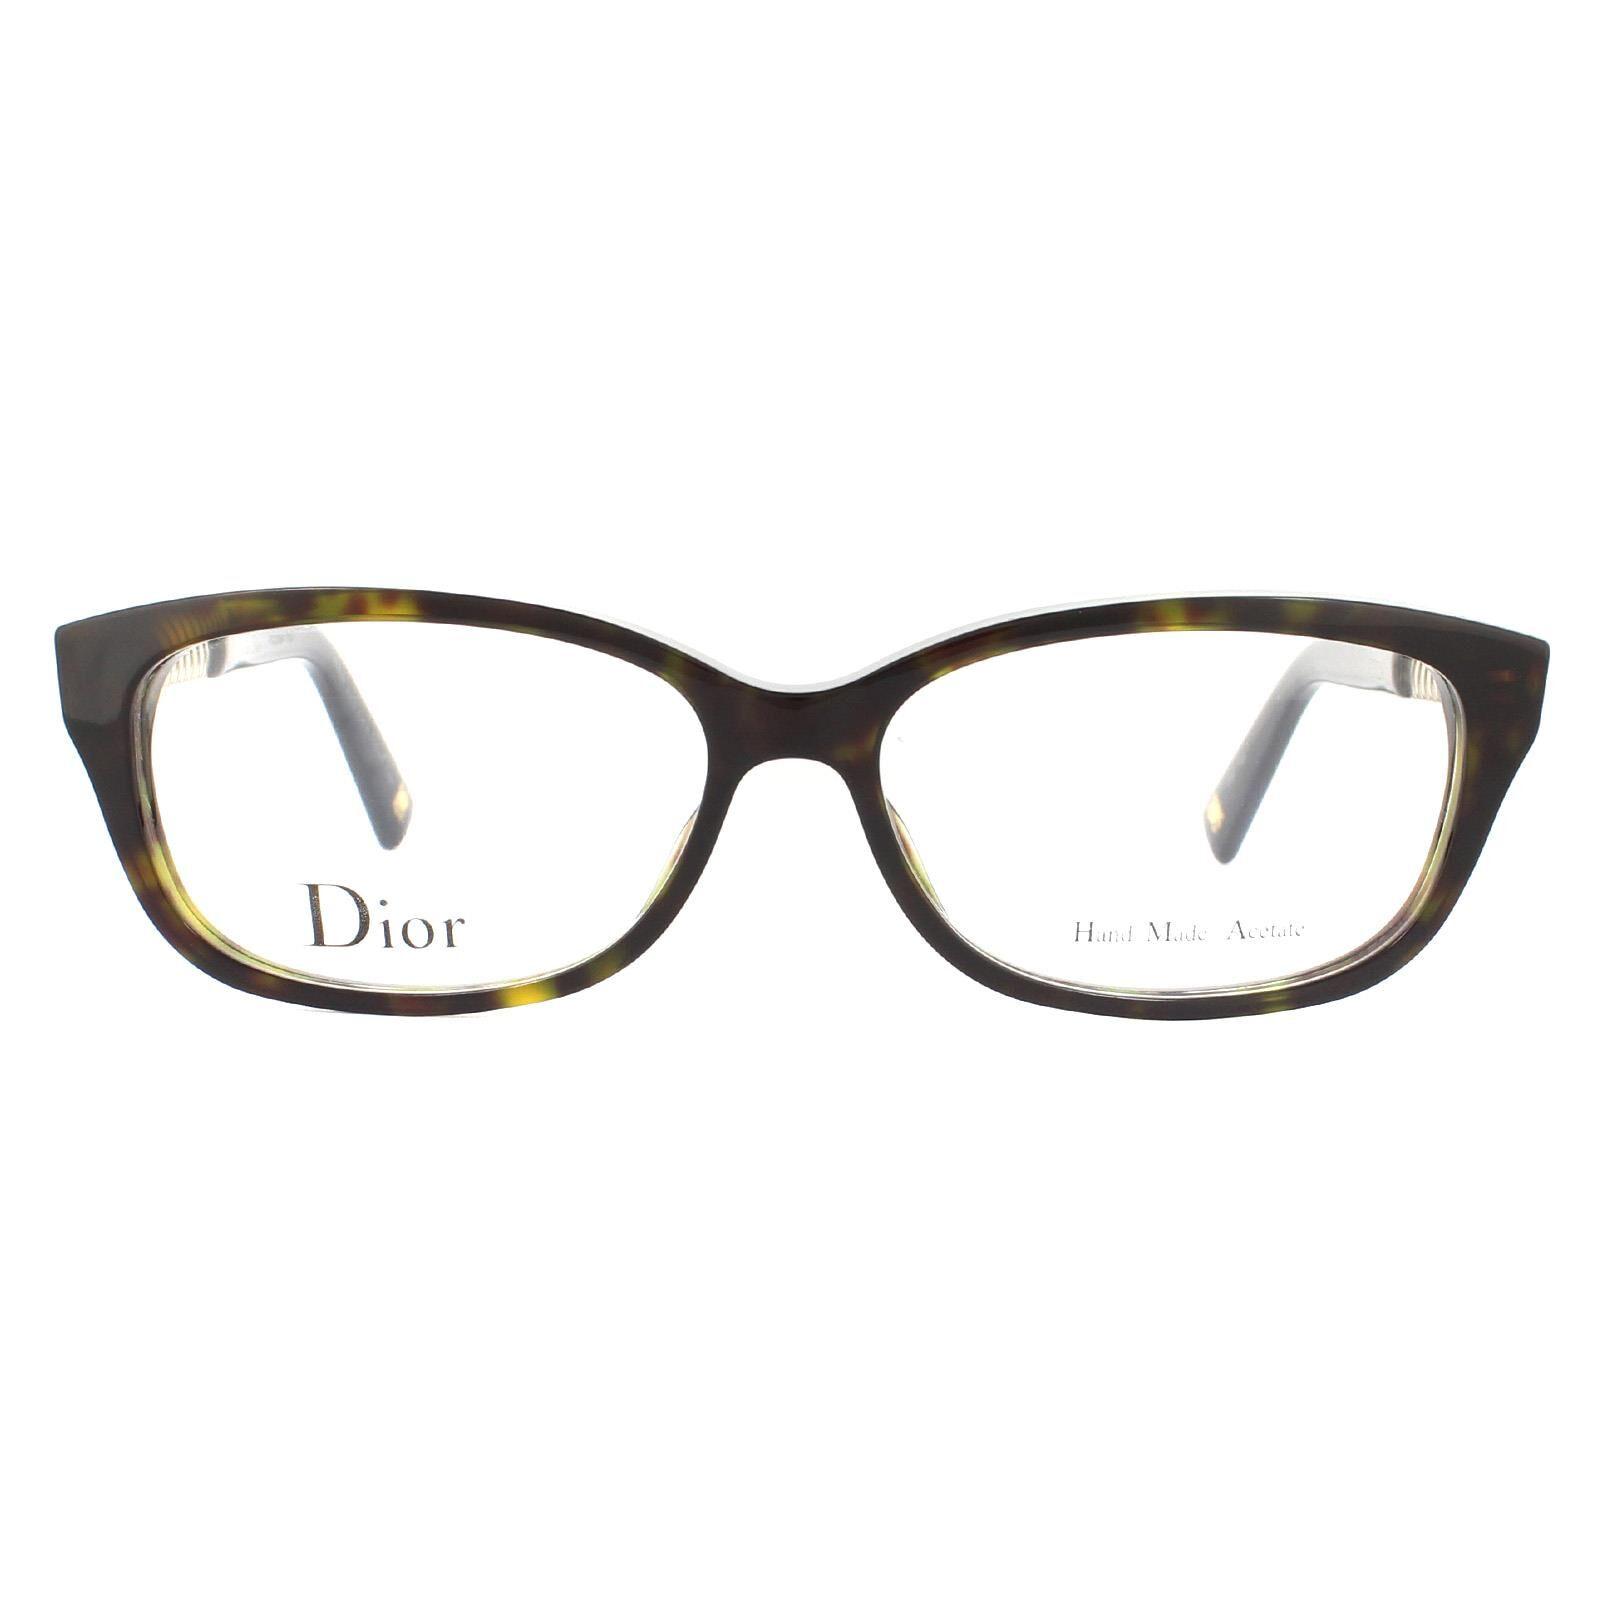 Christian Dior Glasses Frames CD3258 ANT Dark Havana and Gold Women